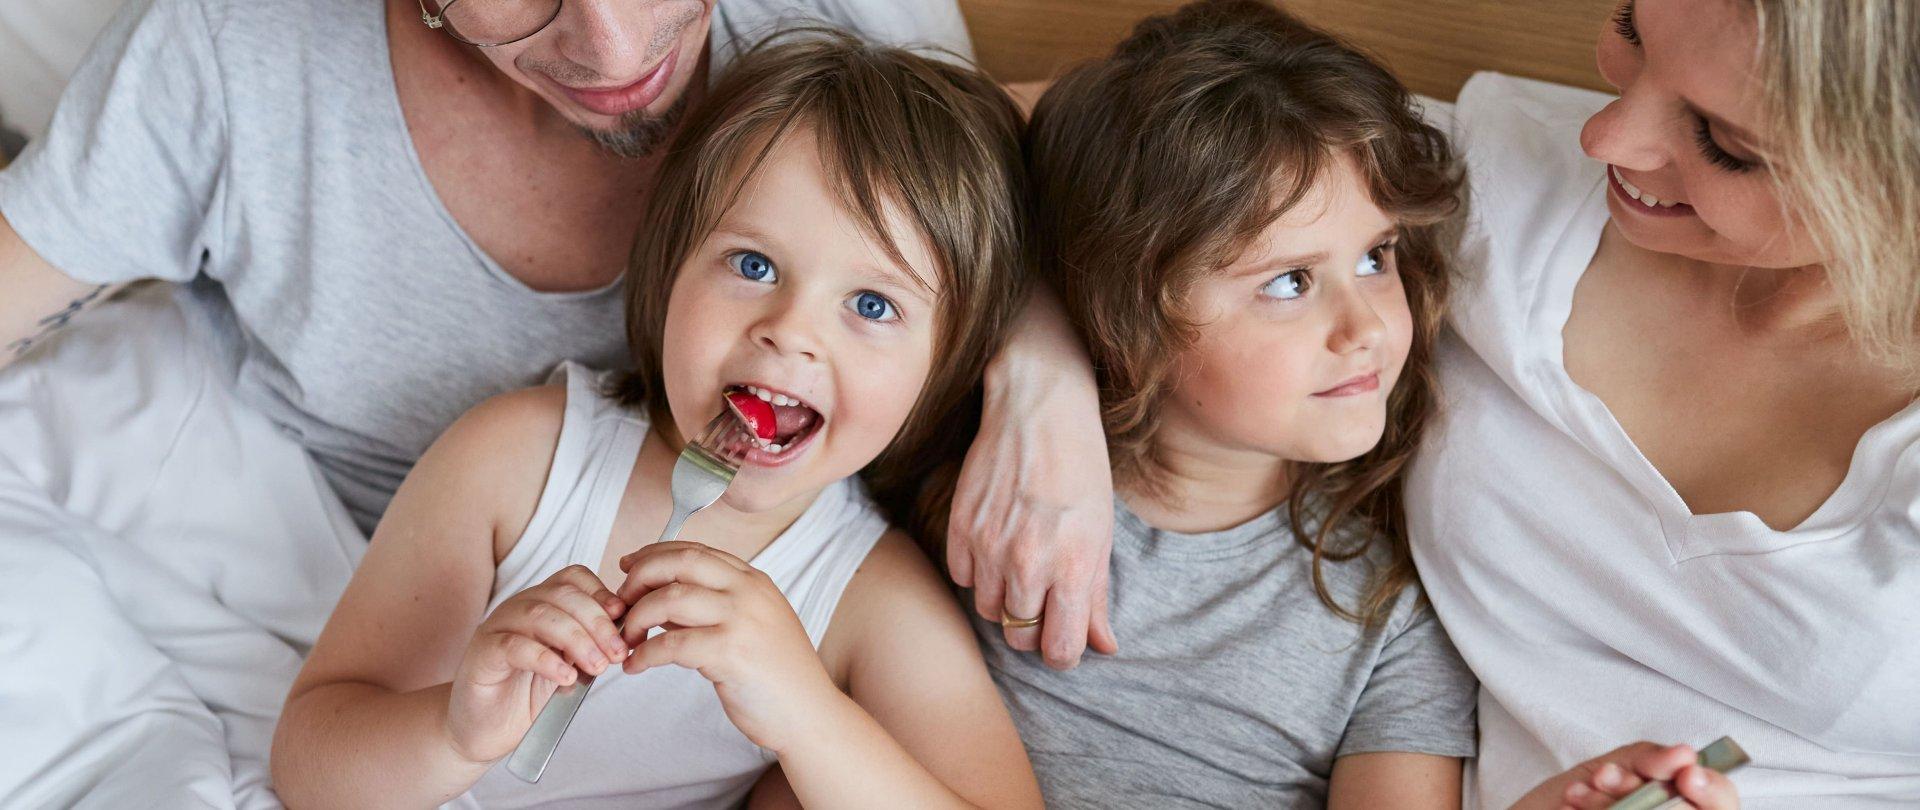 Spędź czas z dziećmi w Warszawie i wykorzystaj swój bon turystyczny!